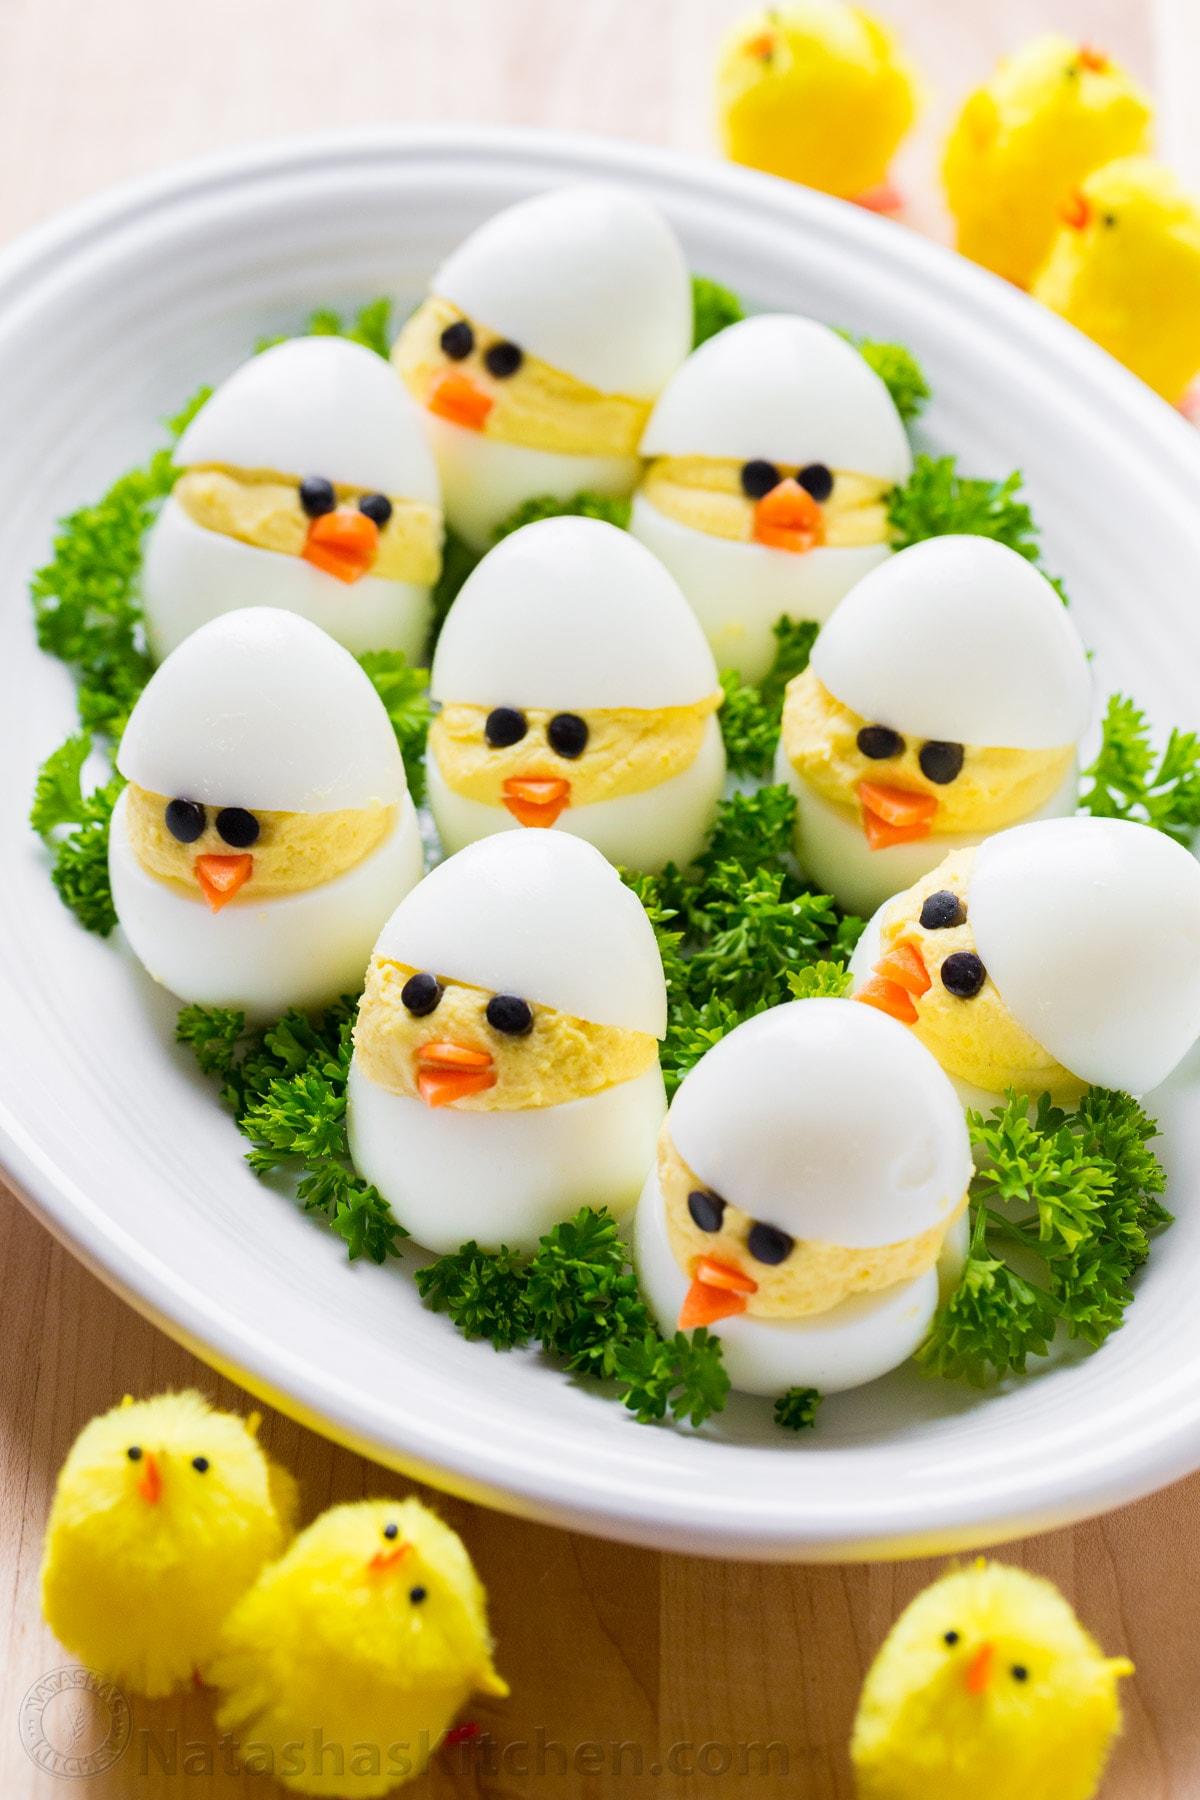 Easter Egg Recipe: Deviled Egg Chicks